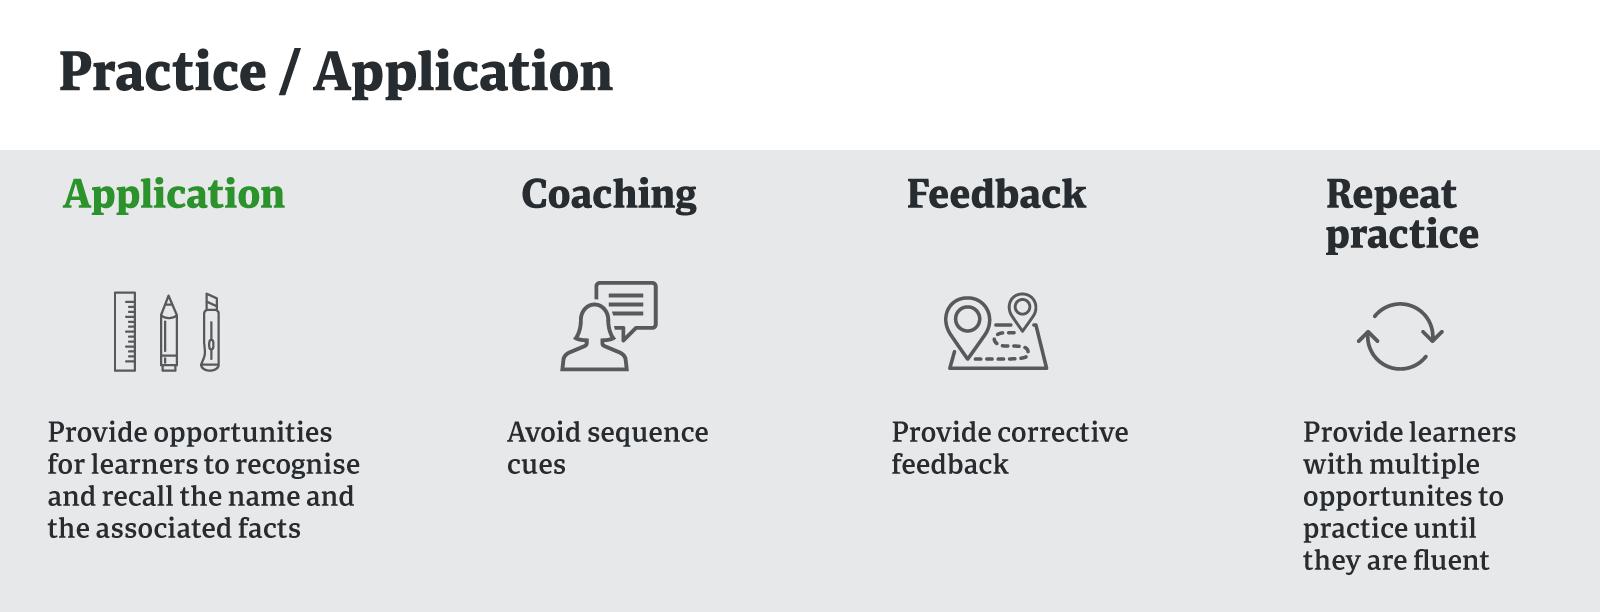 Practice attributes